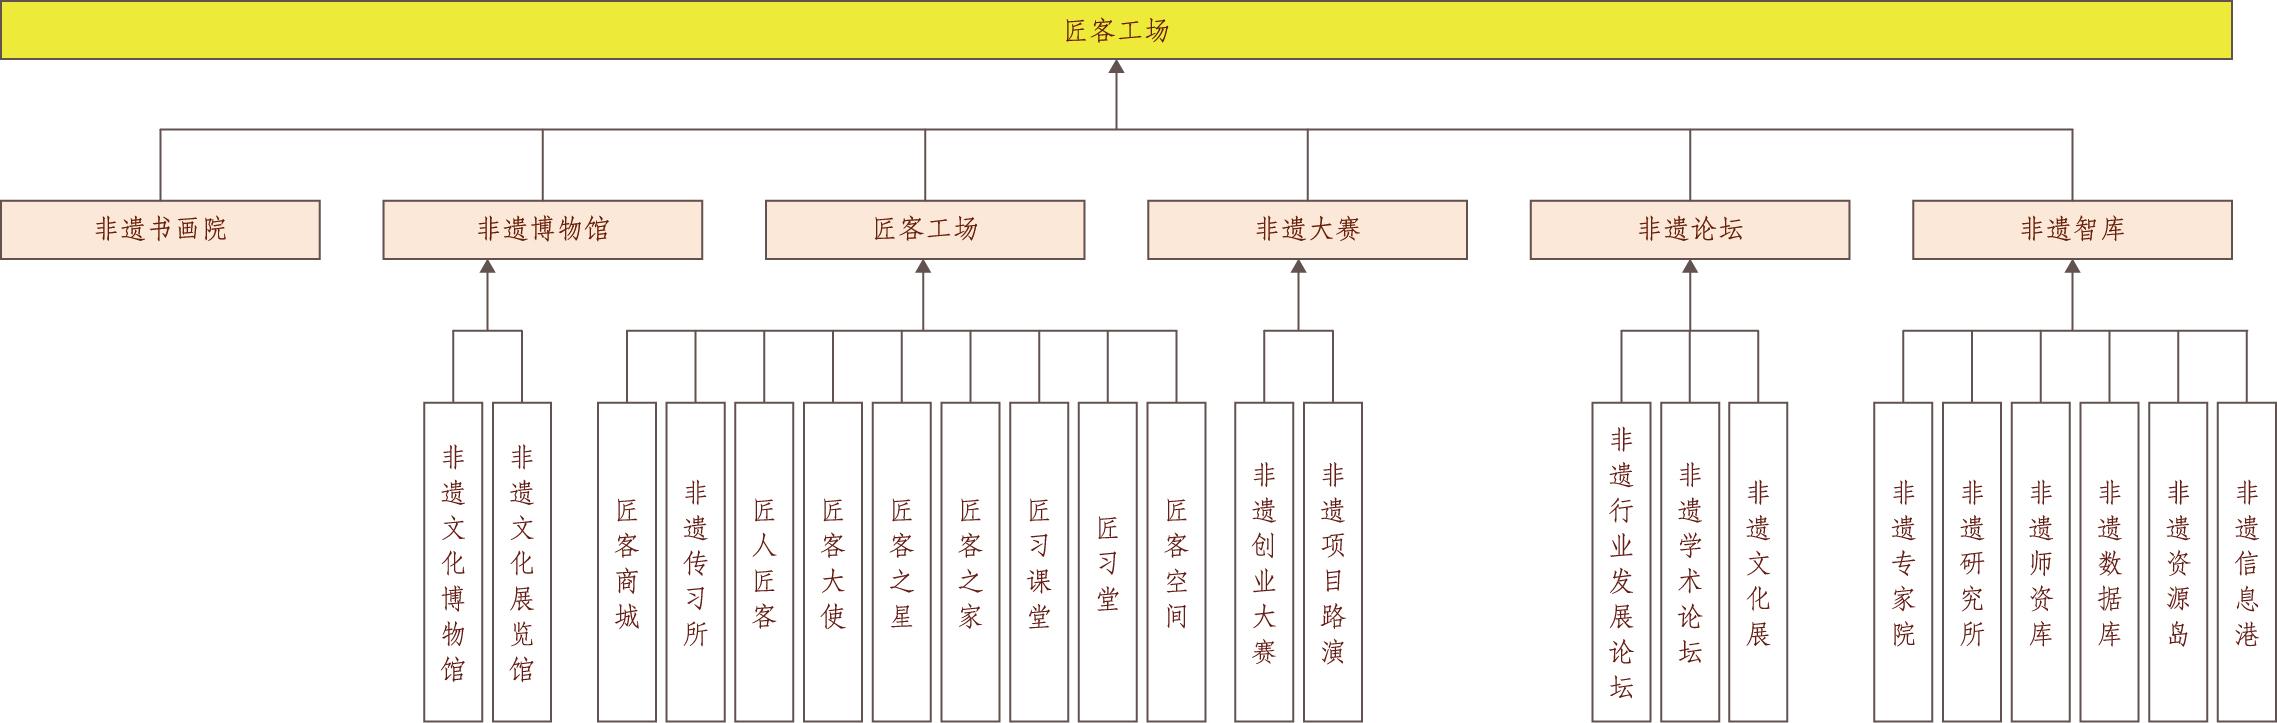 结构图-26.jpg